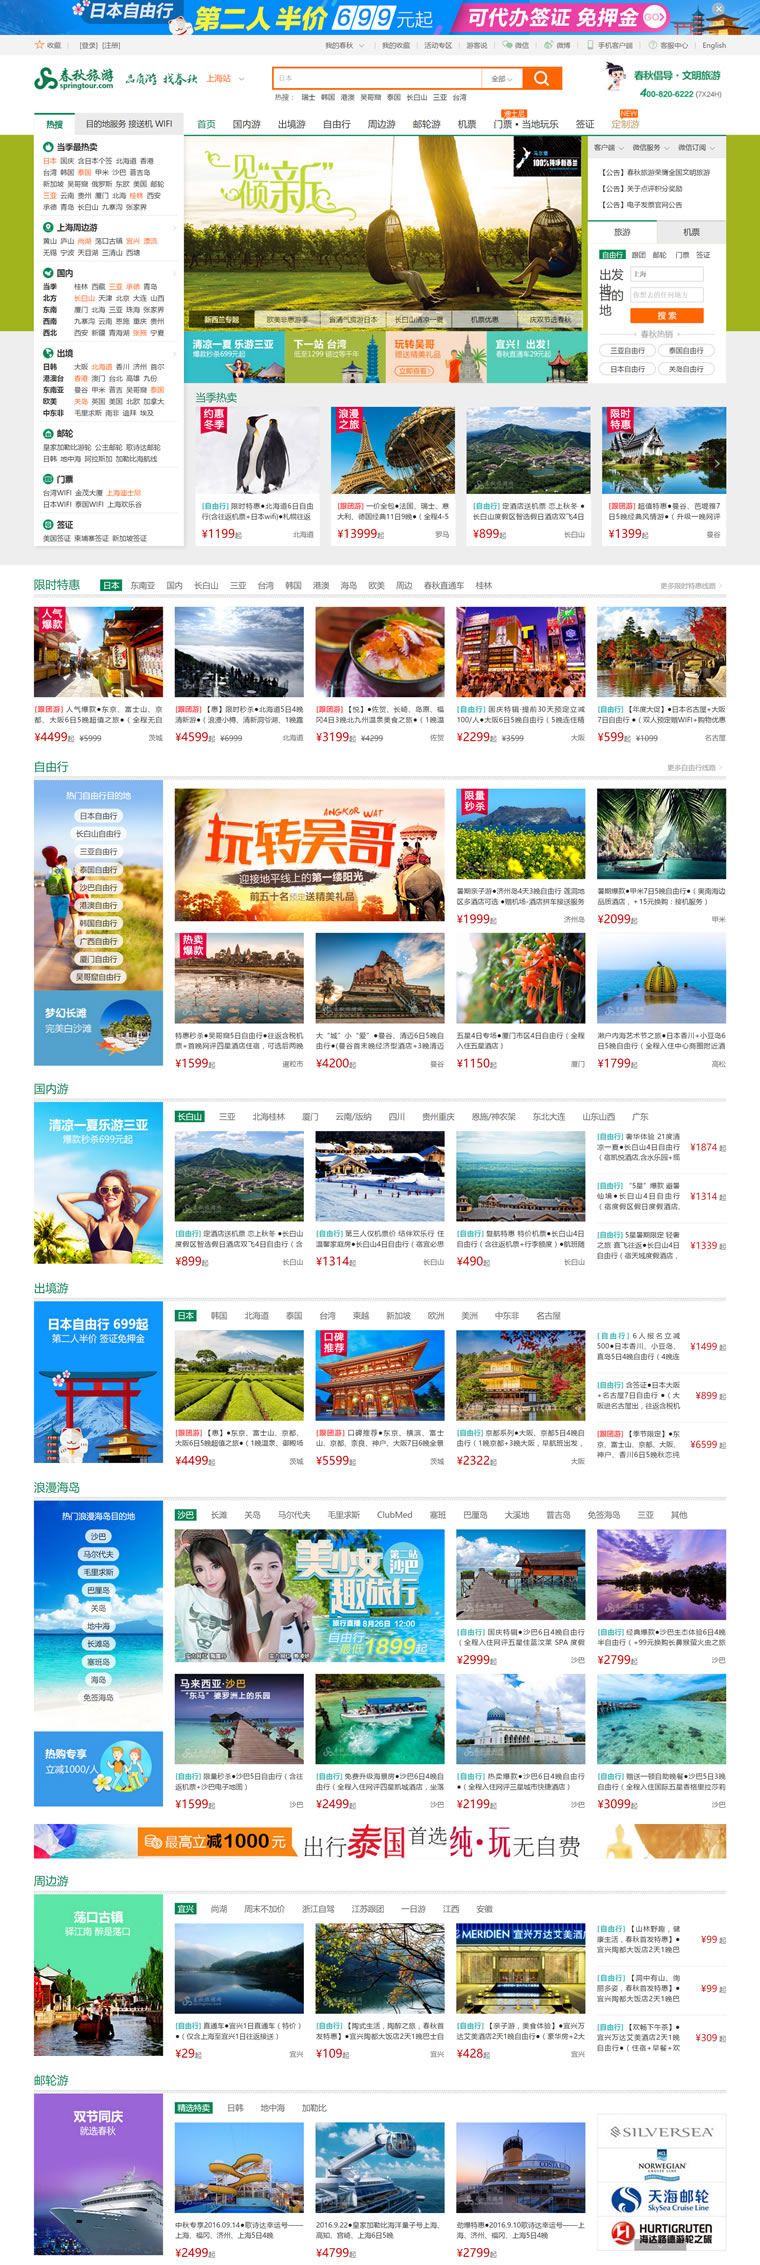 春秋旅行社官网:春秋旅游网